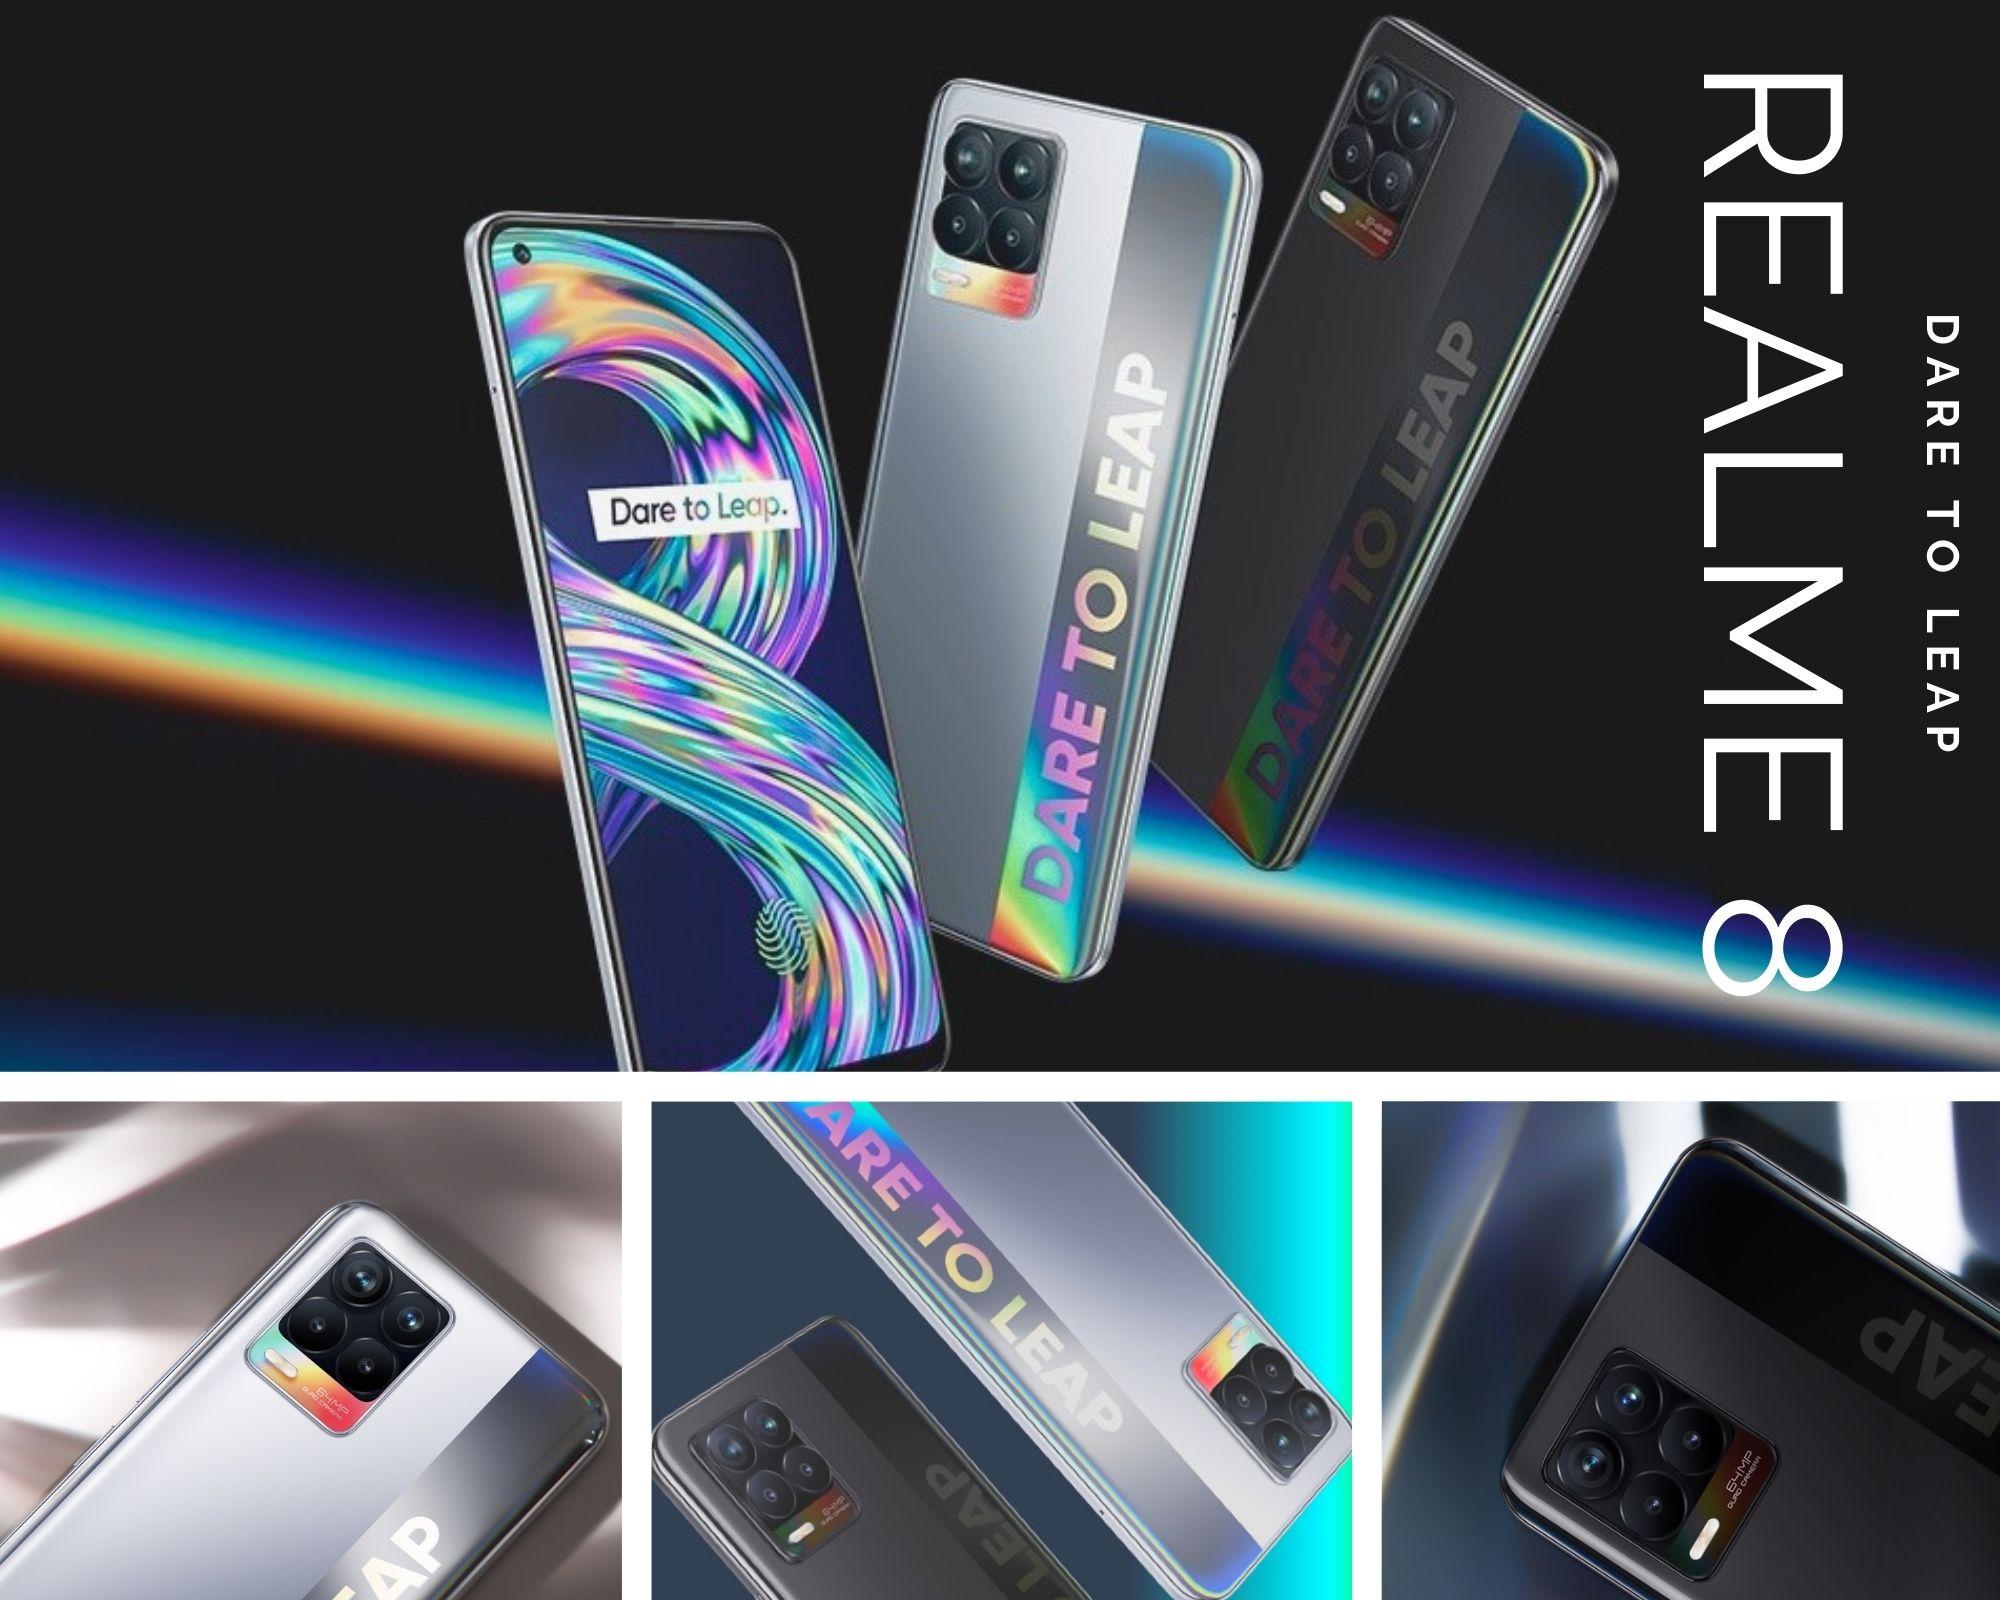 RealMe 8: Descuentos, Cupones, Rebajas y Promociones para comprar el RealMe 8 más barato